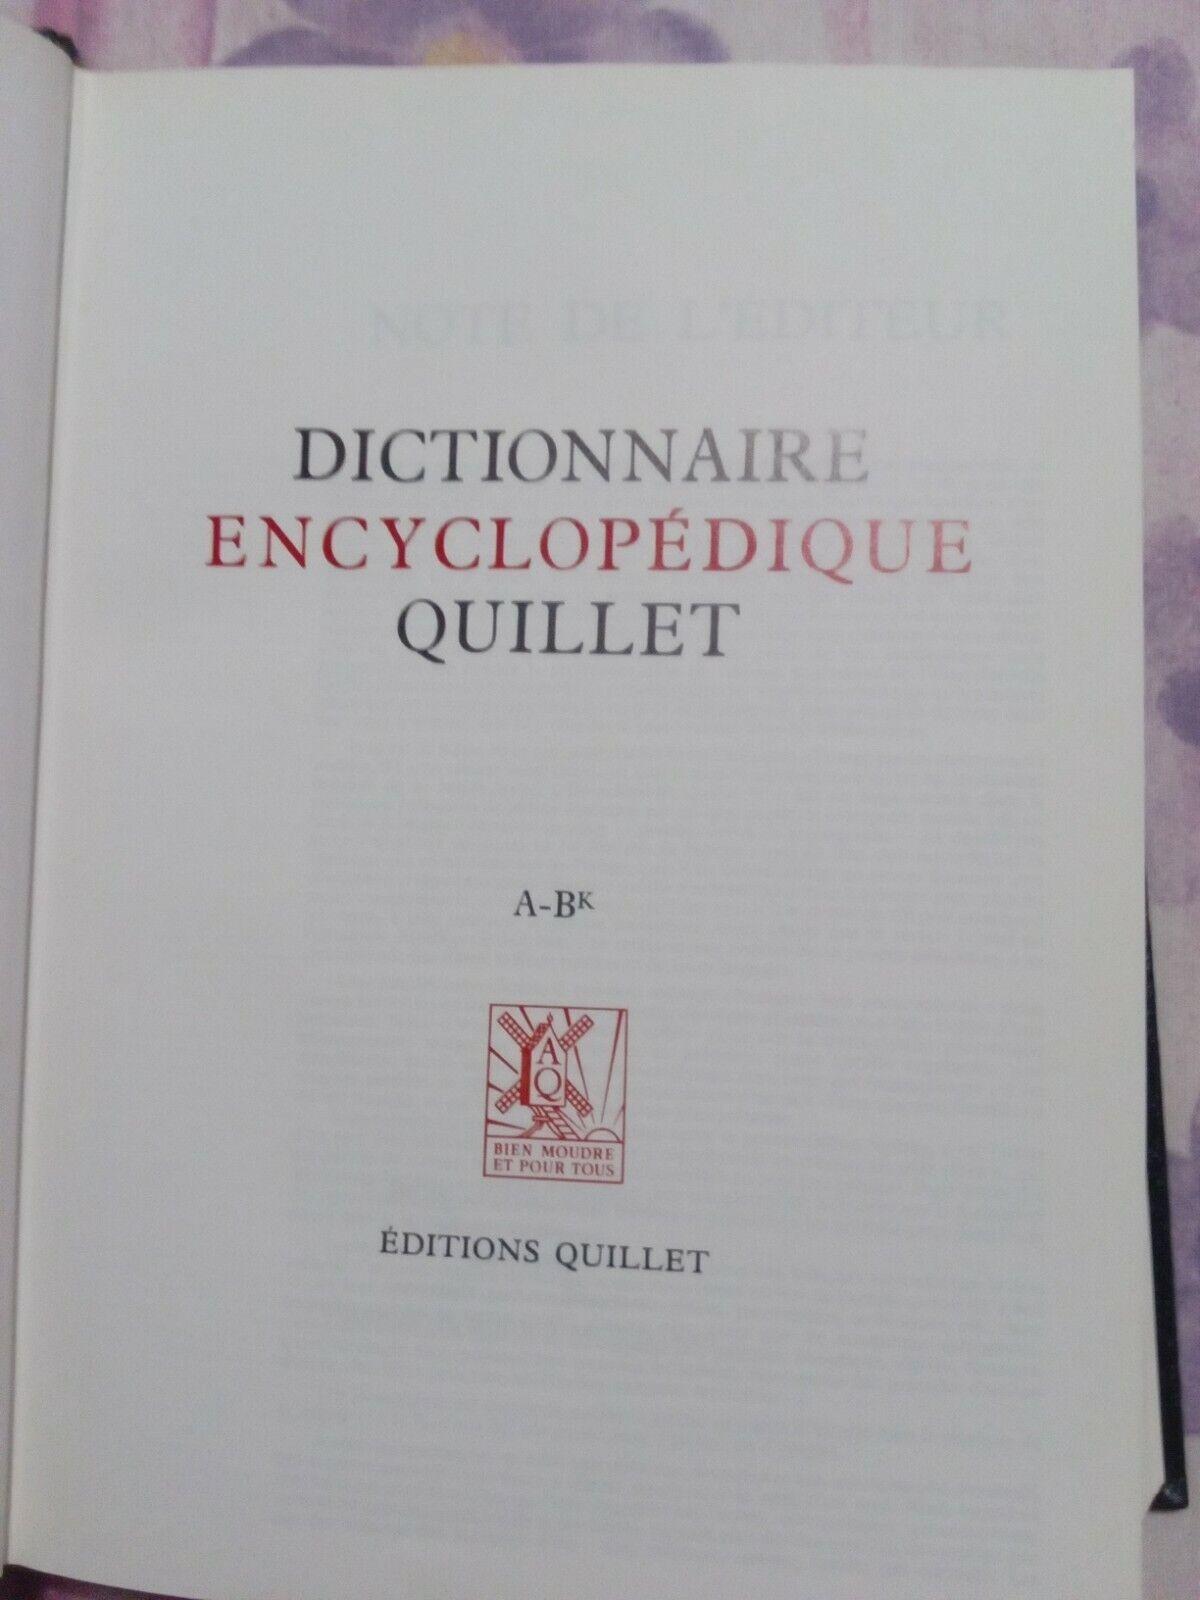 Dictionnaire encyclopÉdique quillet 10 volumes